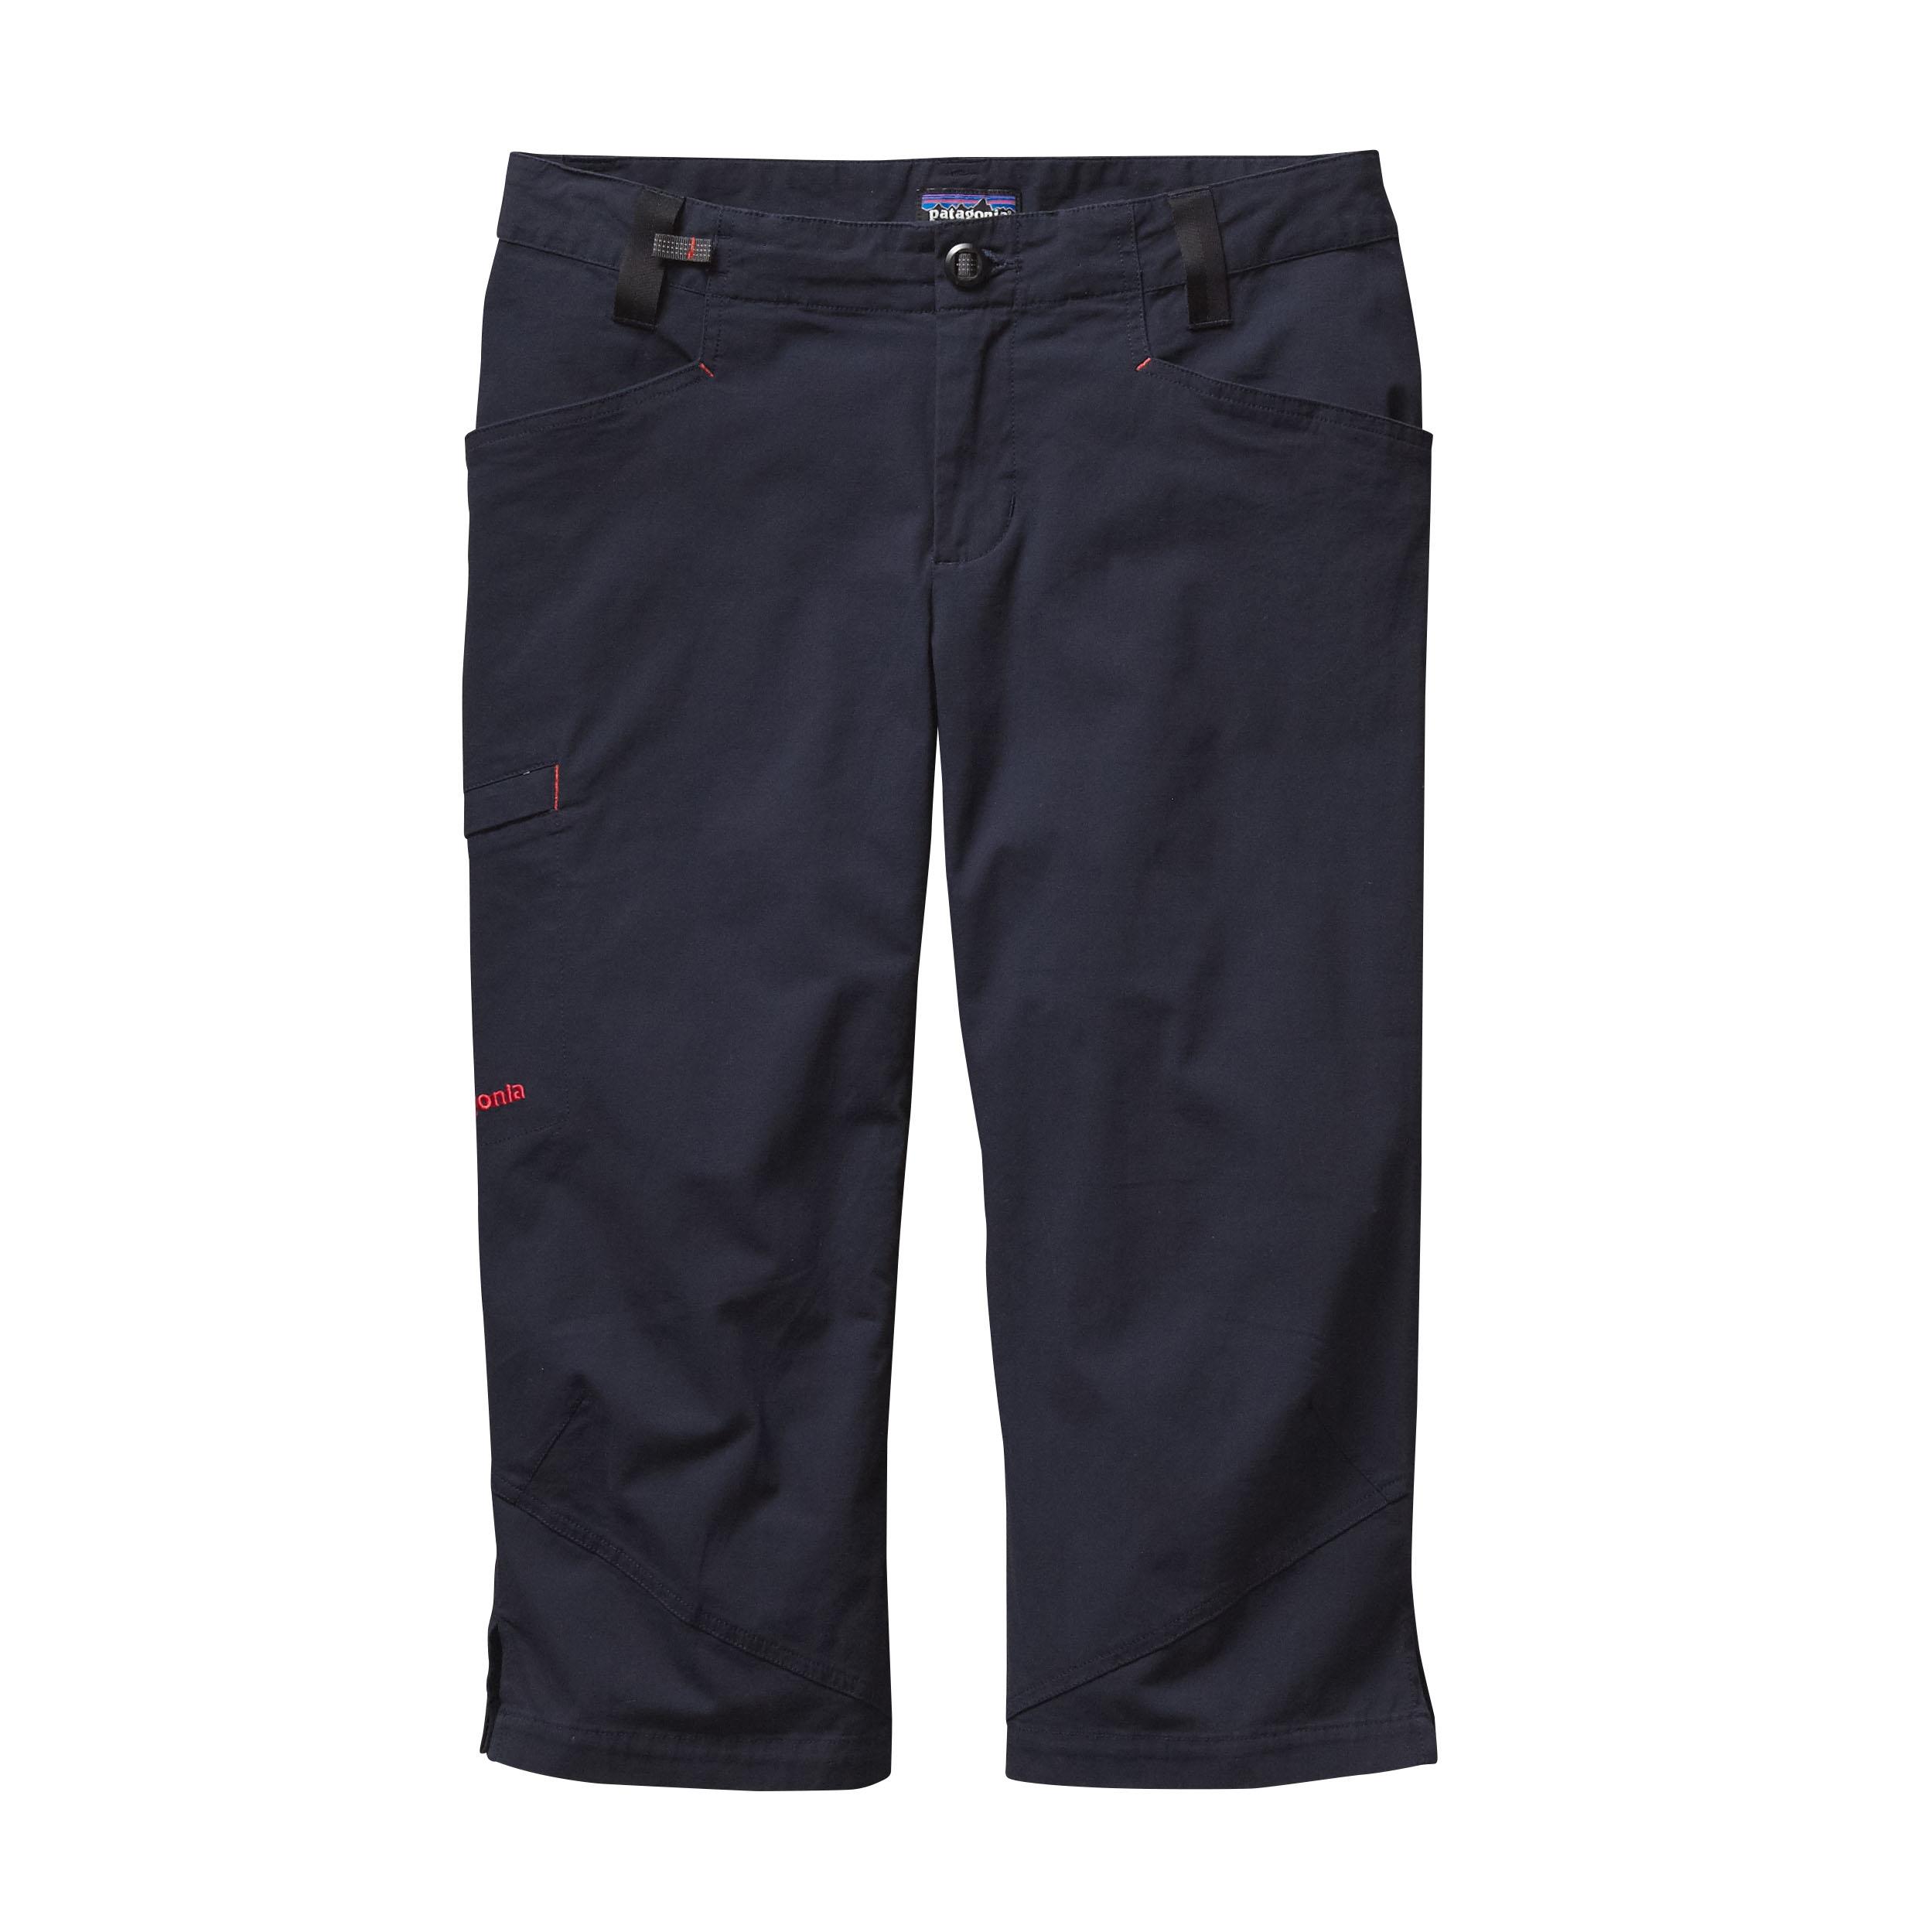 Patagonia - Venga Rock Capris - 3/4 Outdoor trousers - Women's